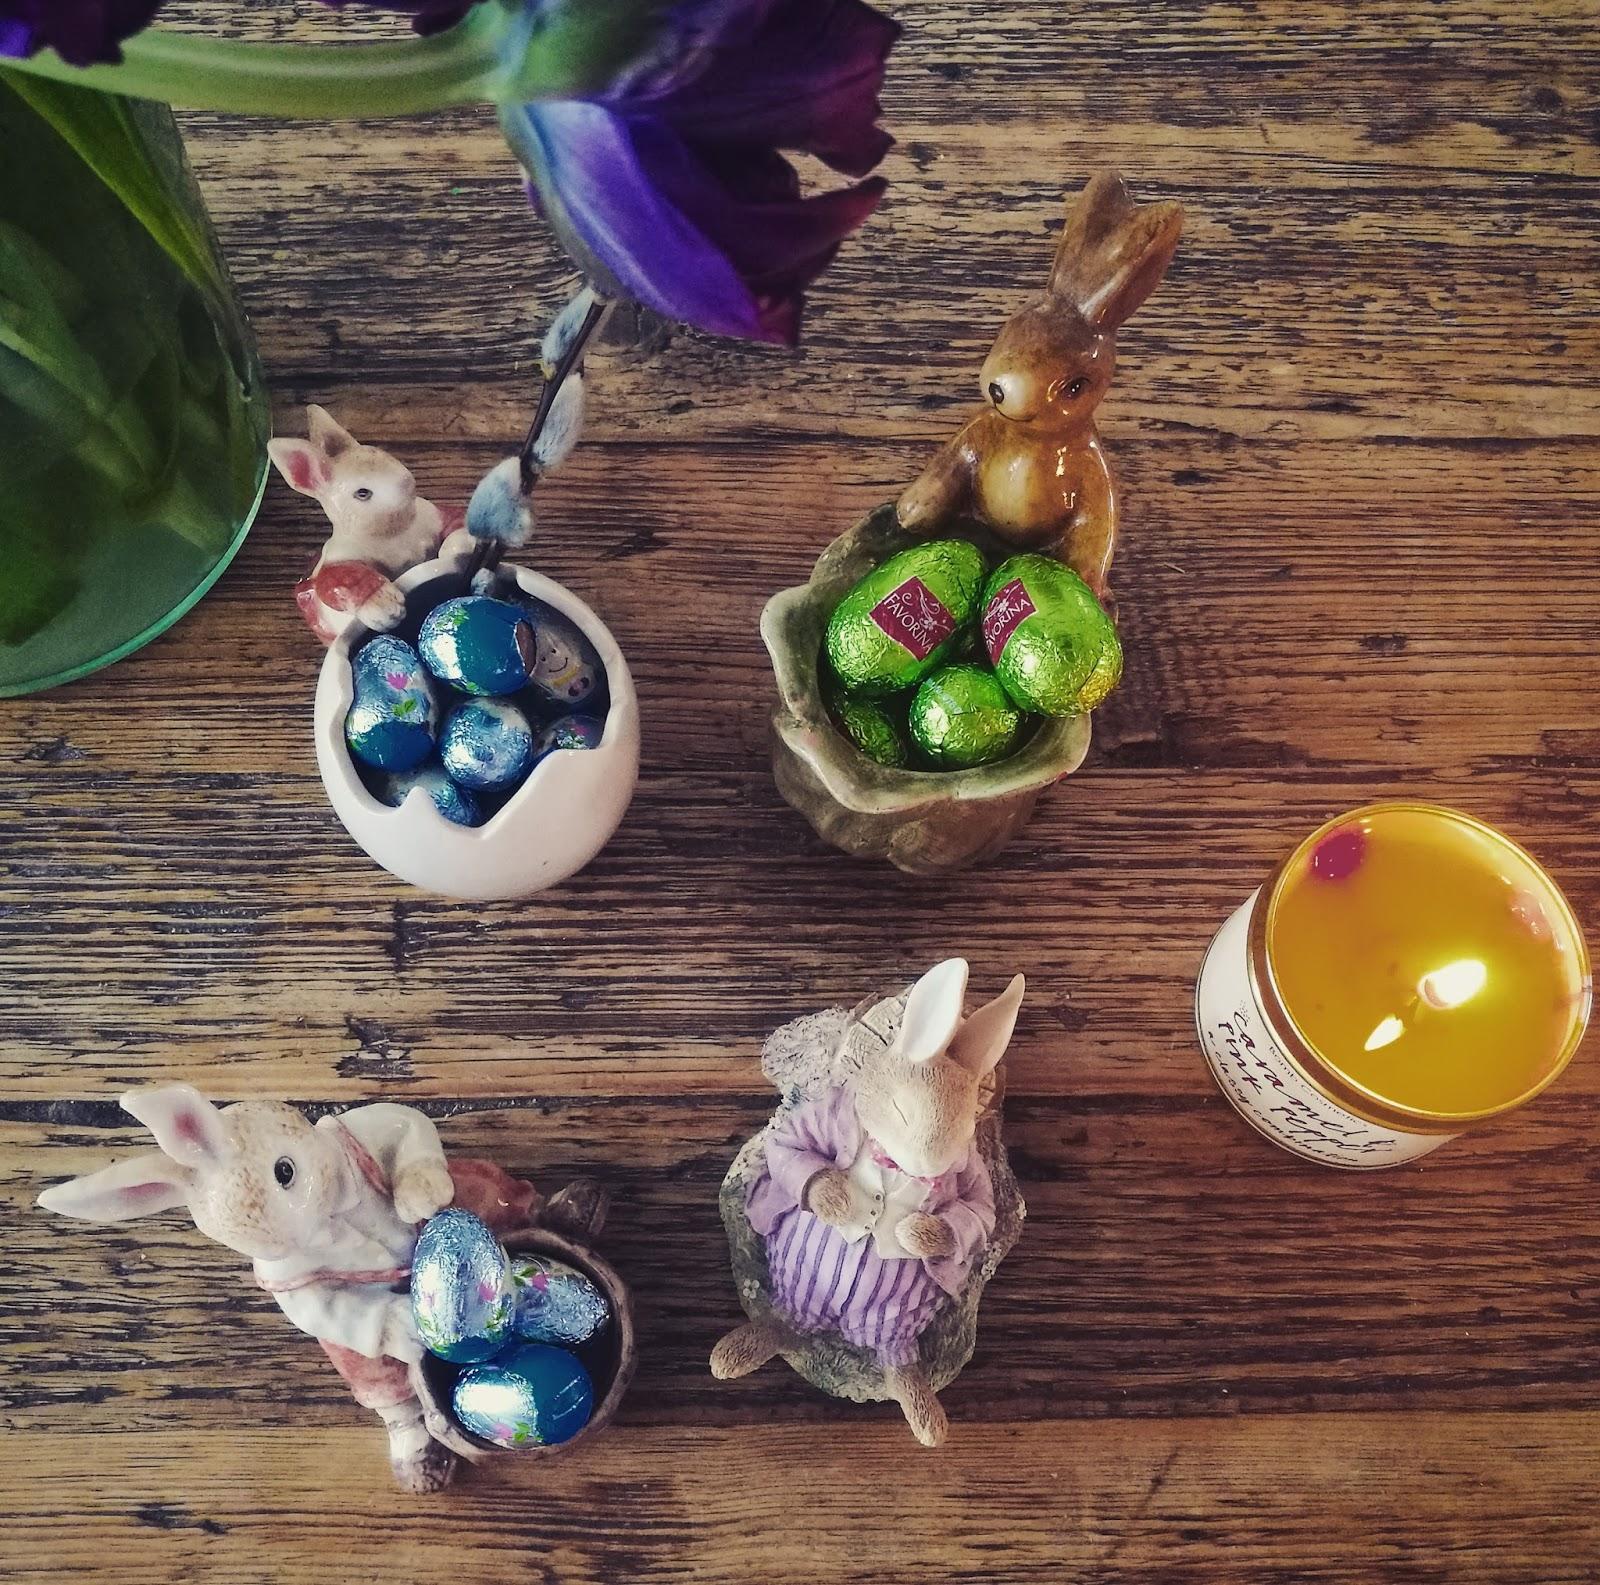 Kerro kerro kuvastin mikä on paras pääsiäisherkkunen ja sukulaatimunanen?